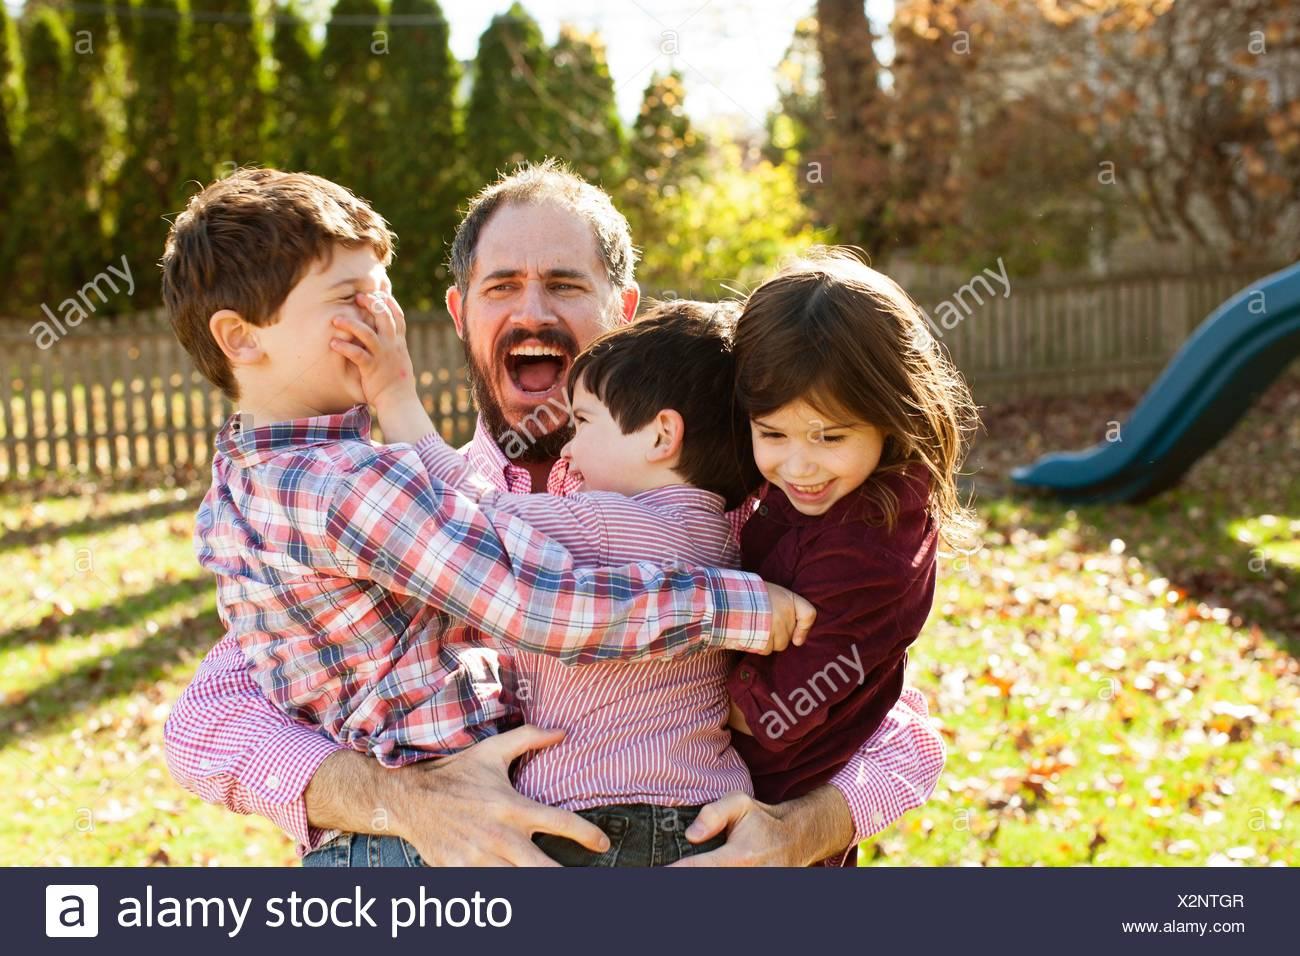 Père transportant les enfants ludique dans ses bras, la bouche ouverte à la surprise Photo Stock